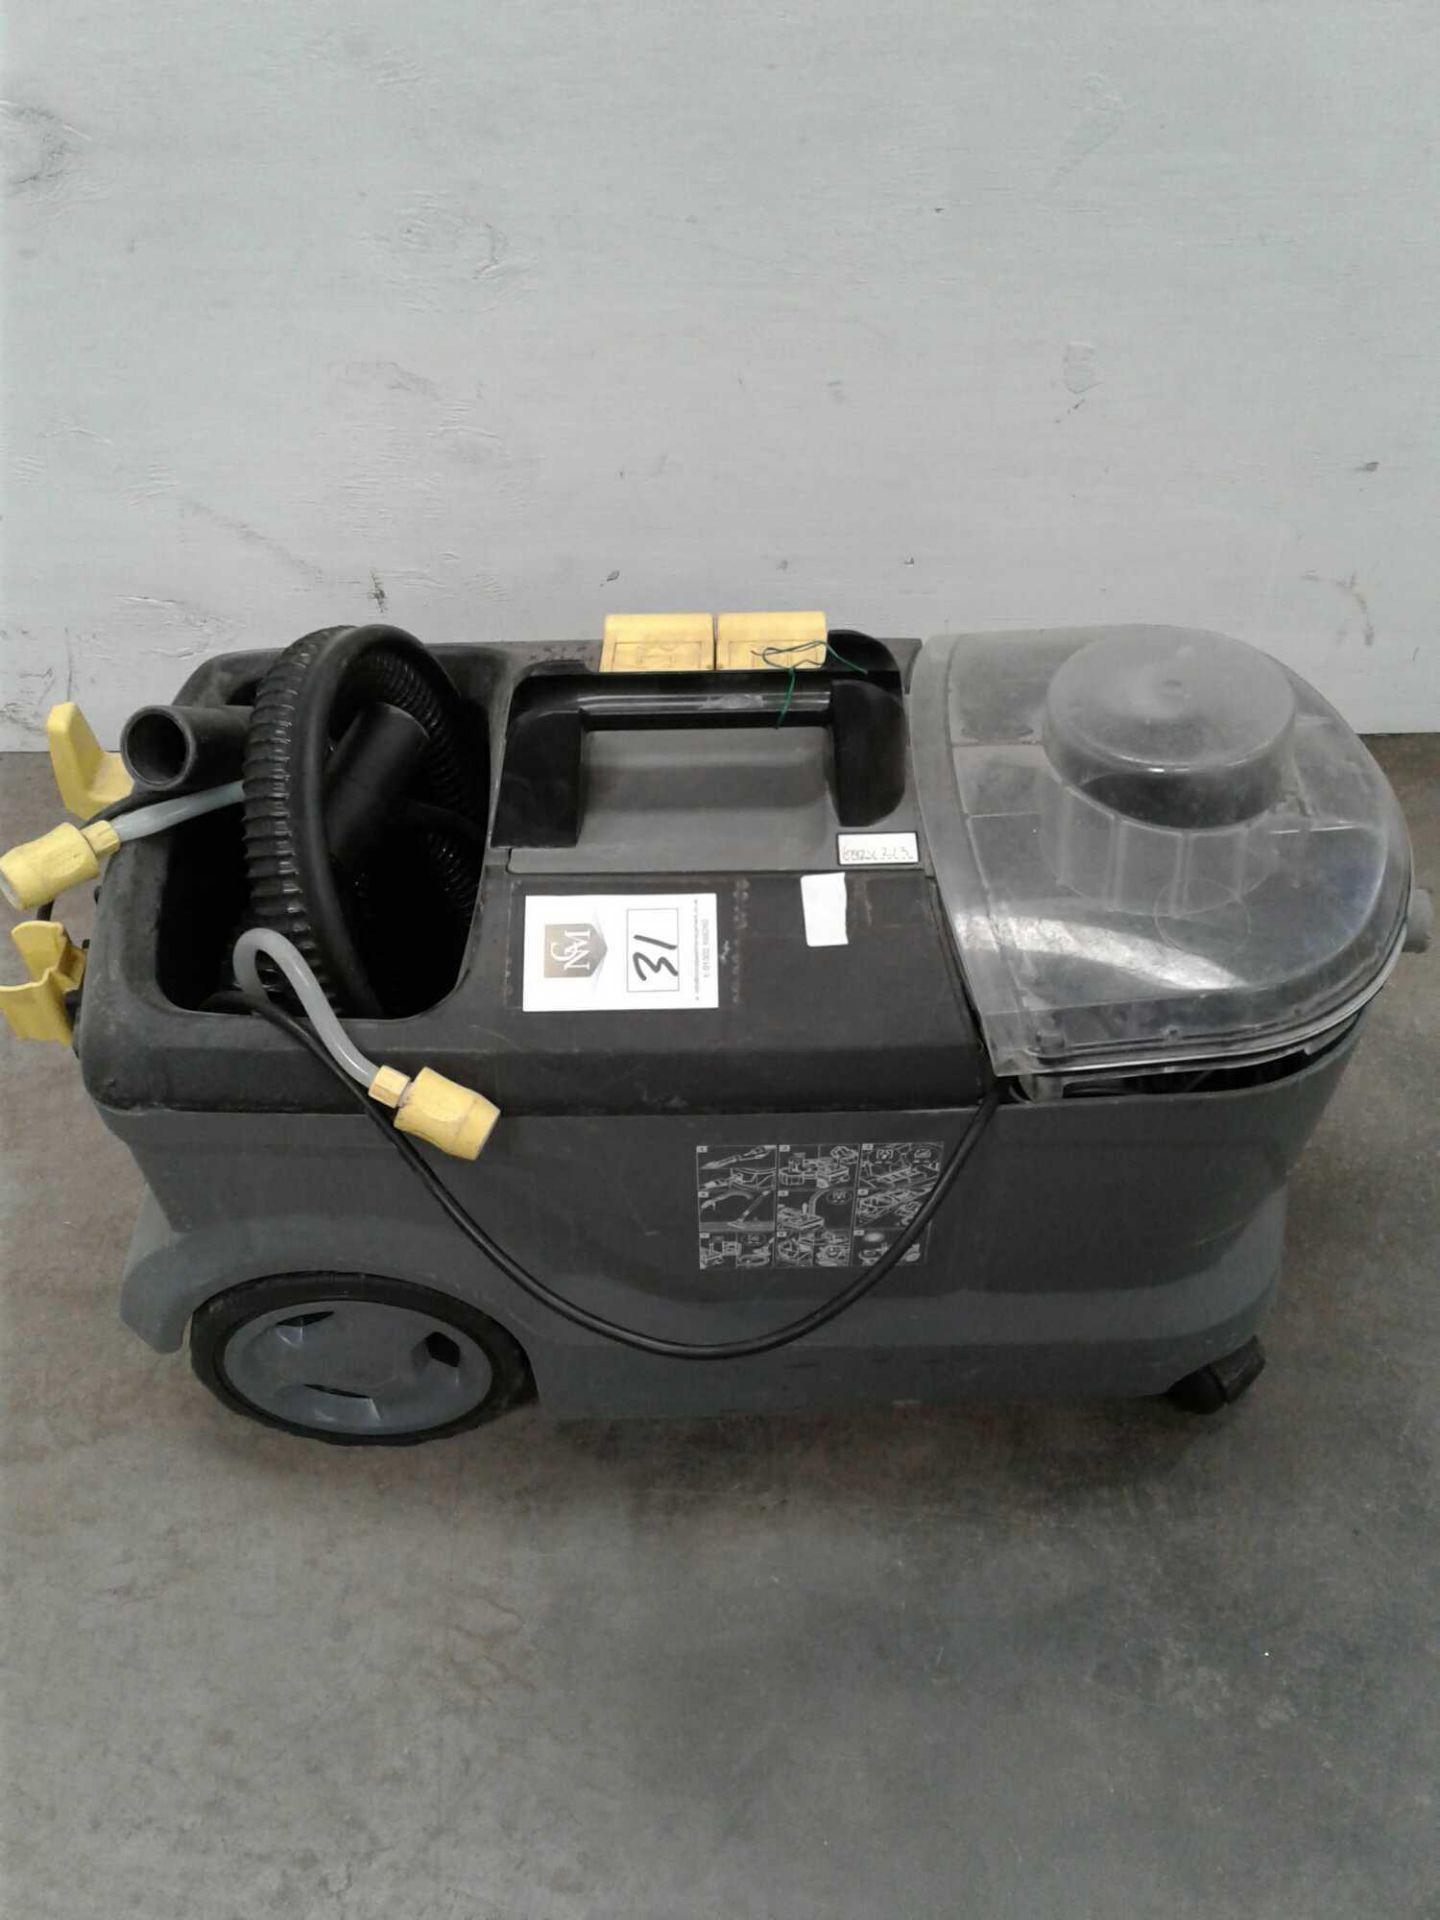 Lot 31 - Karcher carpet cleaner 230v